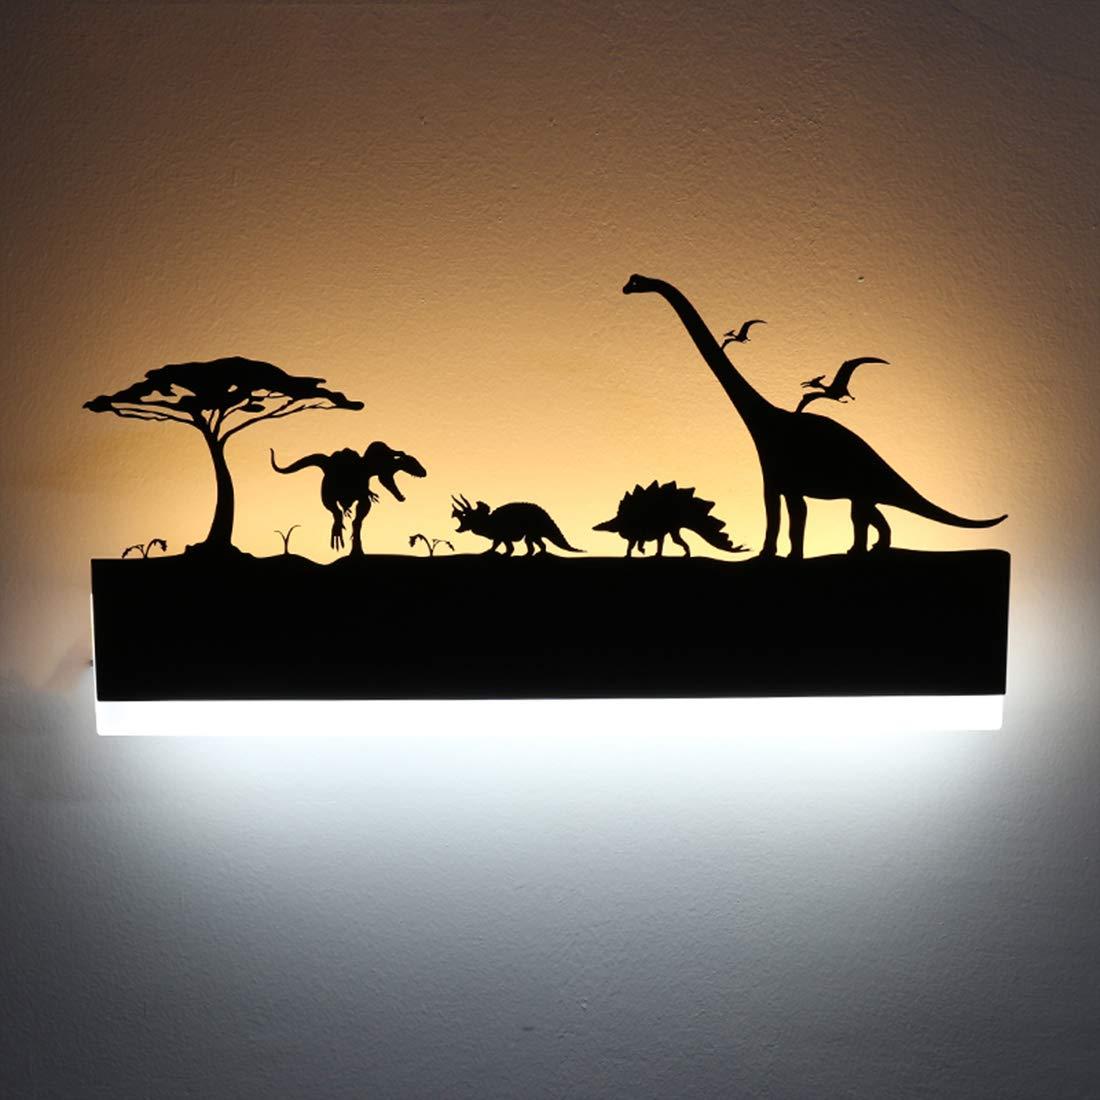 LEDIARY 110-240V Noir Applique LED Applique Murale Peinture Créative Décoration Pour Salle De Bain Salon Chambre Animal Différents Styles (Dinosaur)